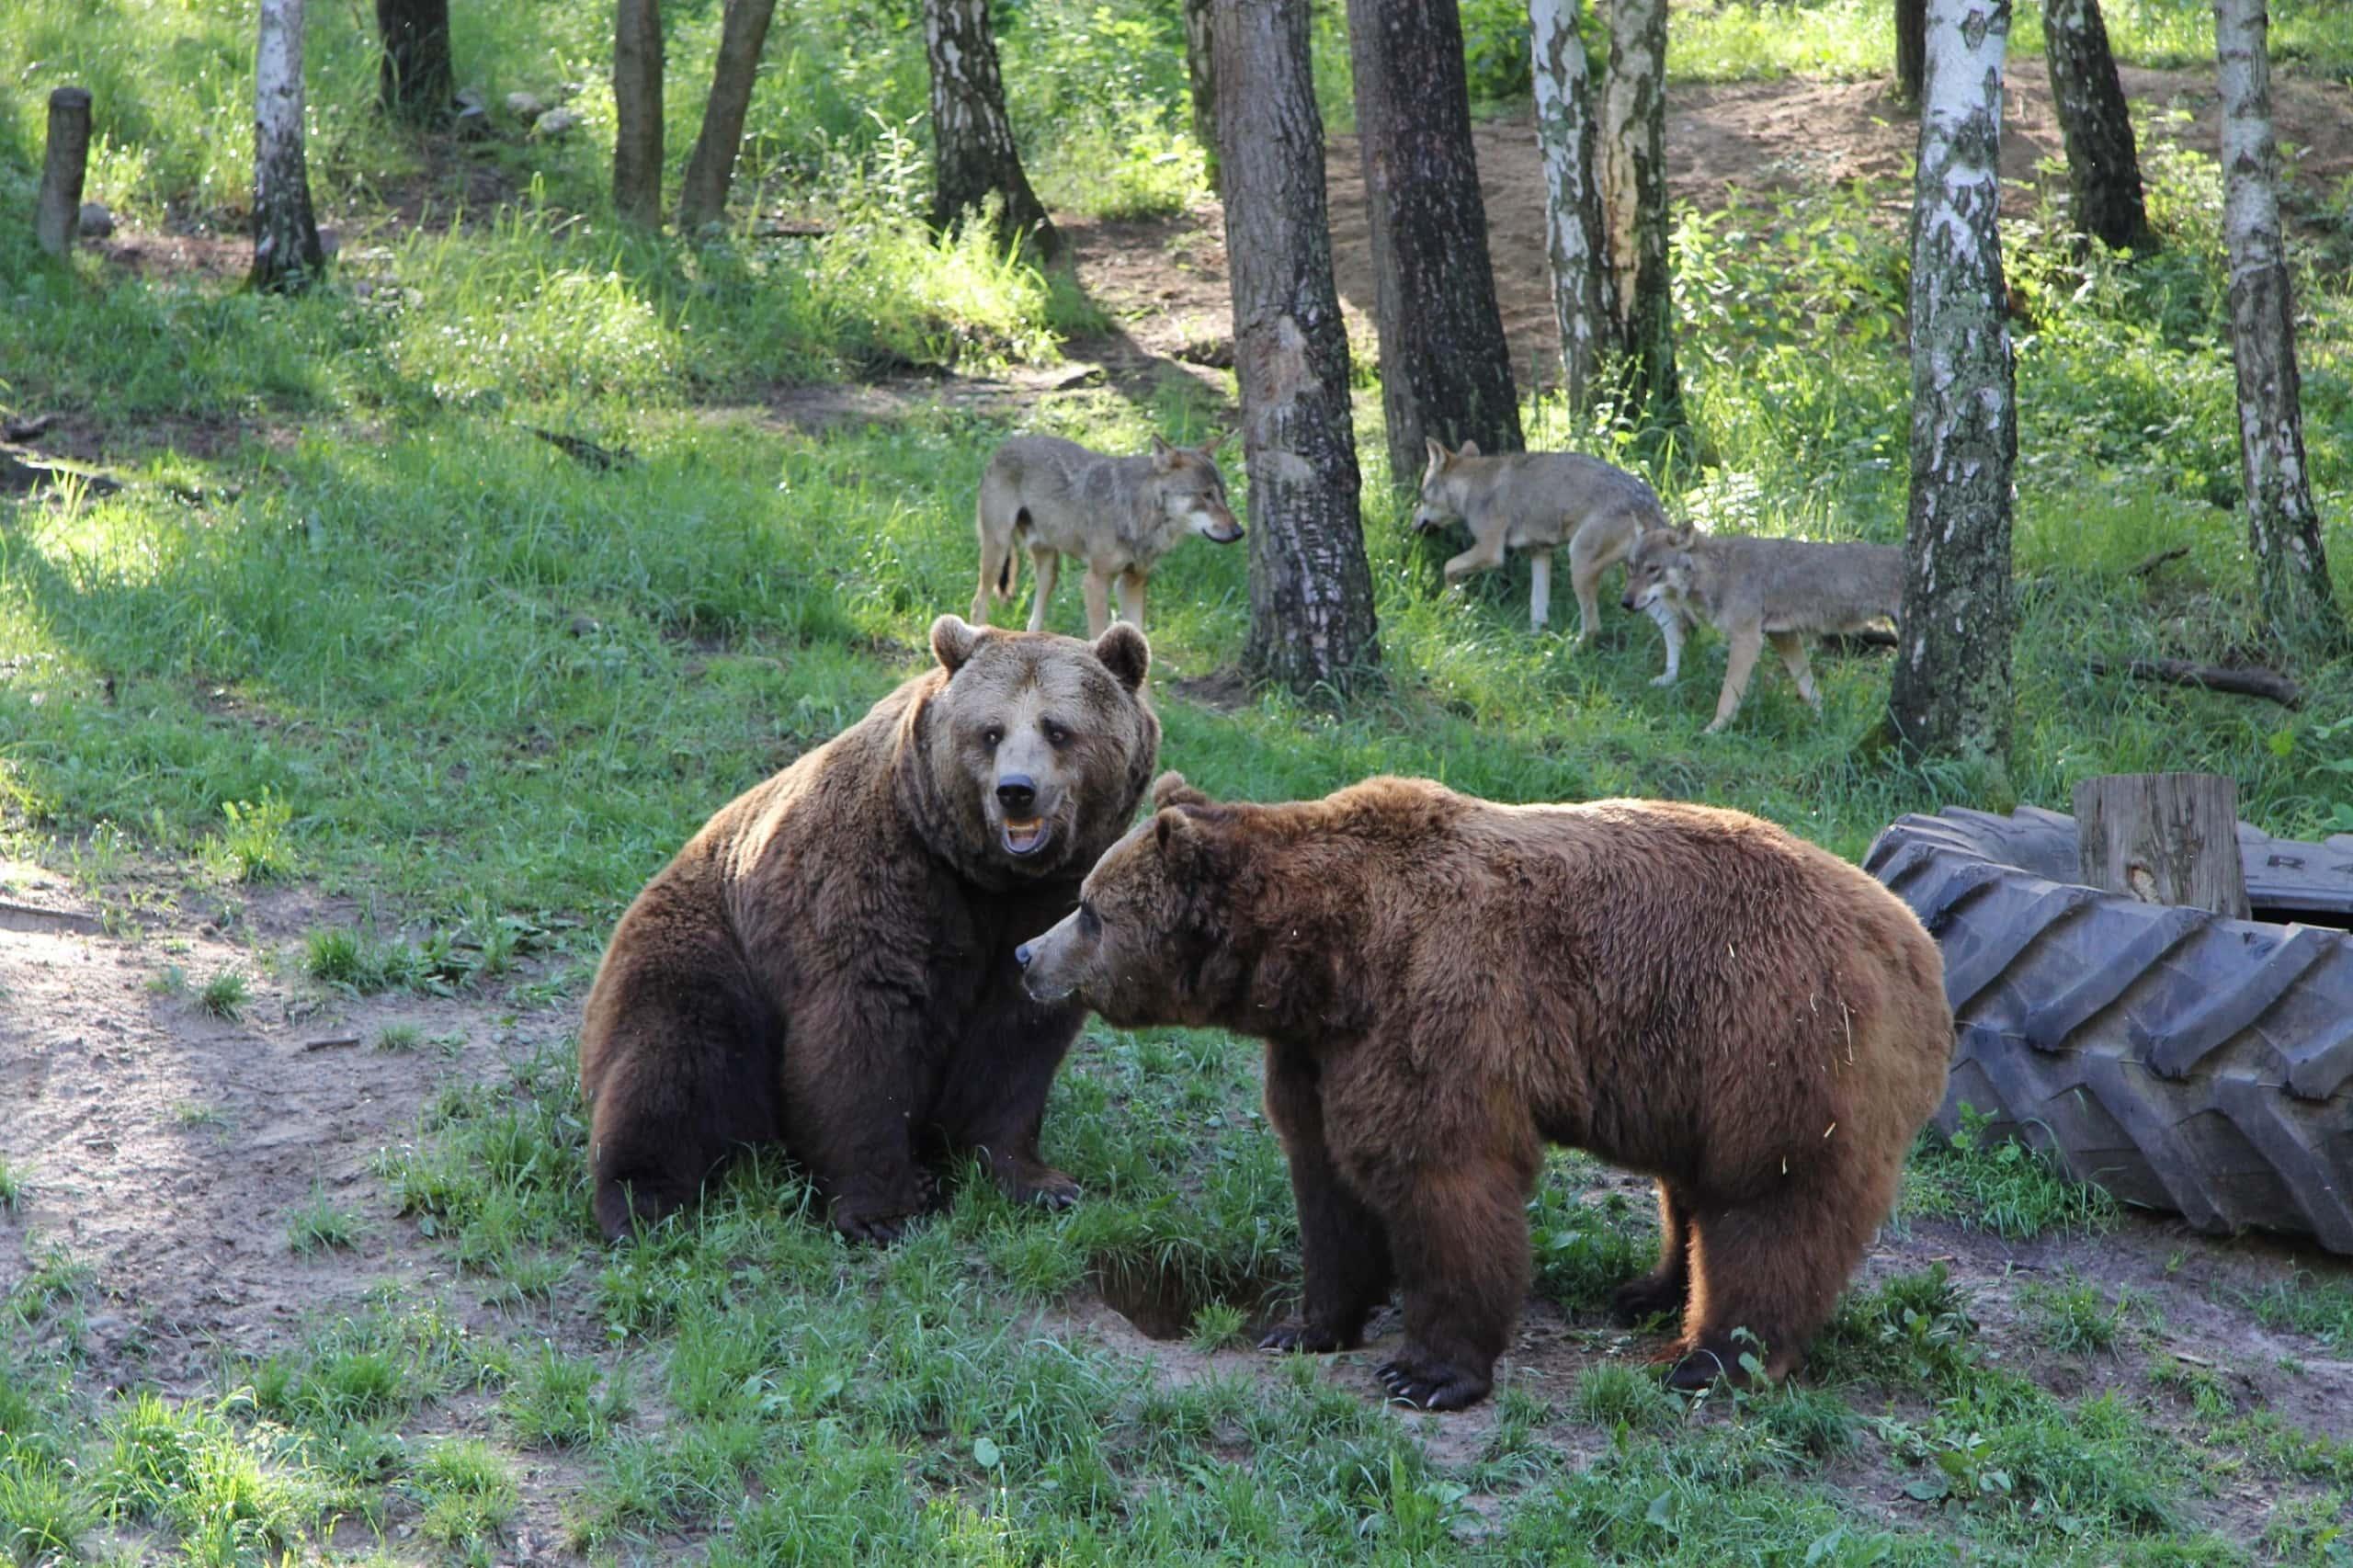 Braunbären und Wölfe im Wildgehege Mecklenburg-Vorpommern.